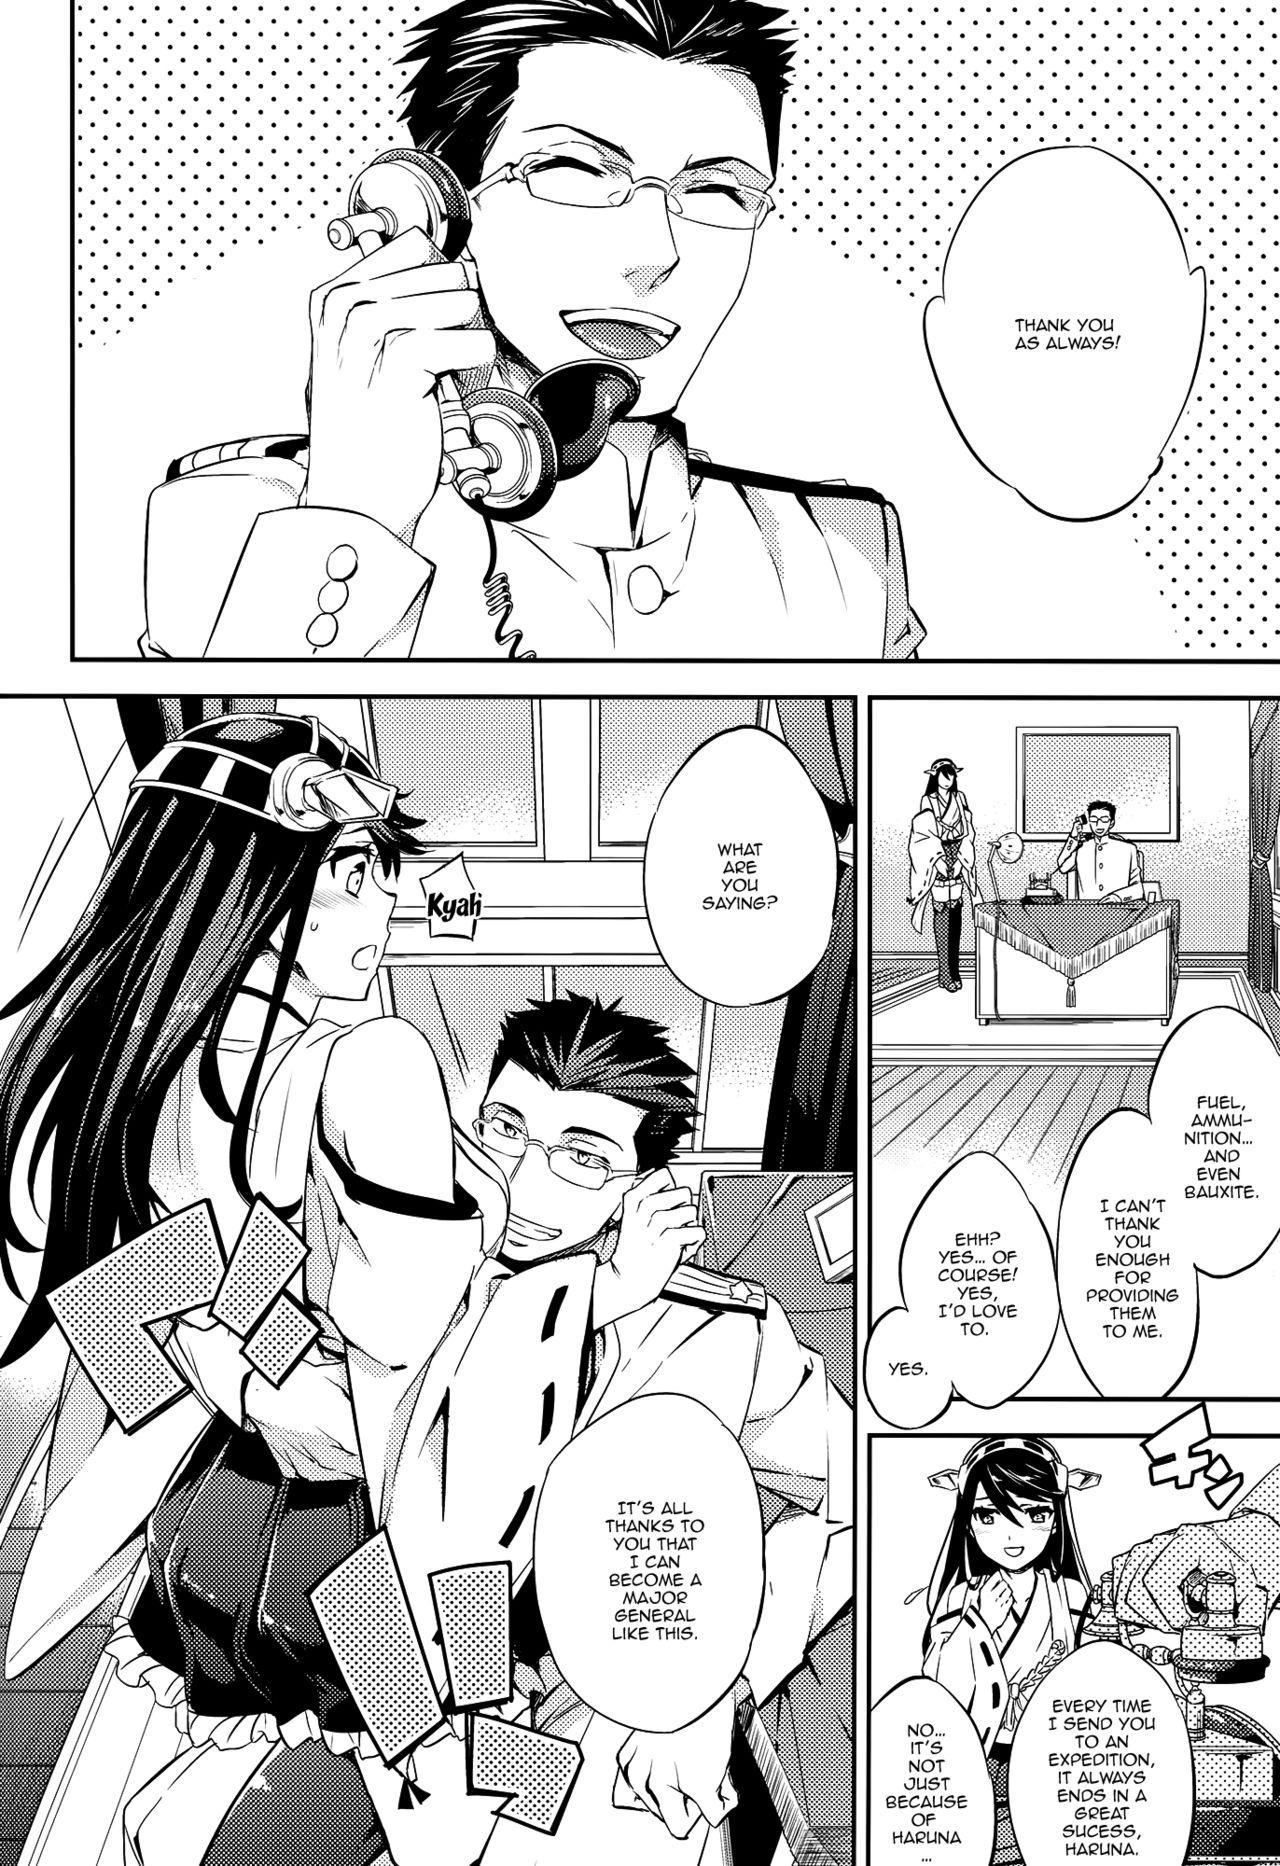 (C89) [Crazy9 (Ichitaka)] C9-22 Haruna wa Daijoubu desu!! | C9-22 Haruna's Fine!! (Kantai Collection -KanColle-) [English] {Doujins.com} 3